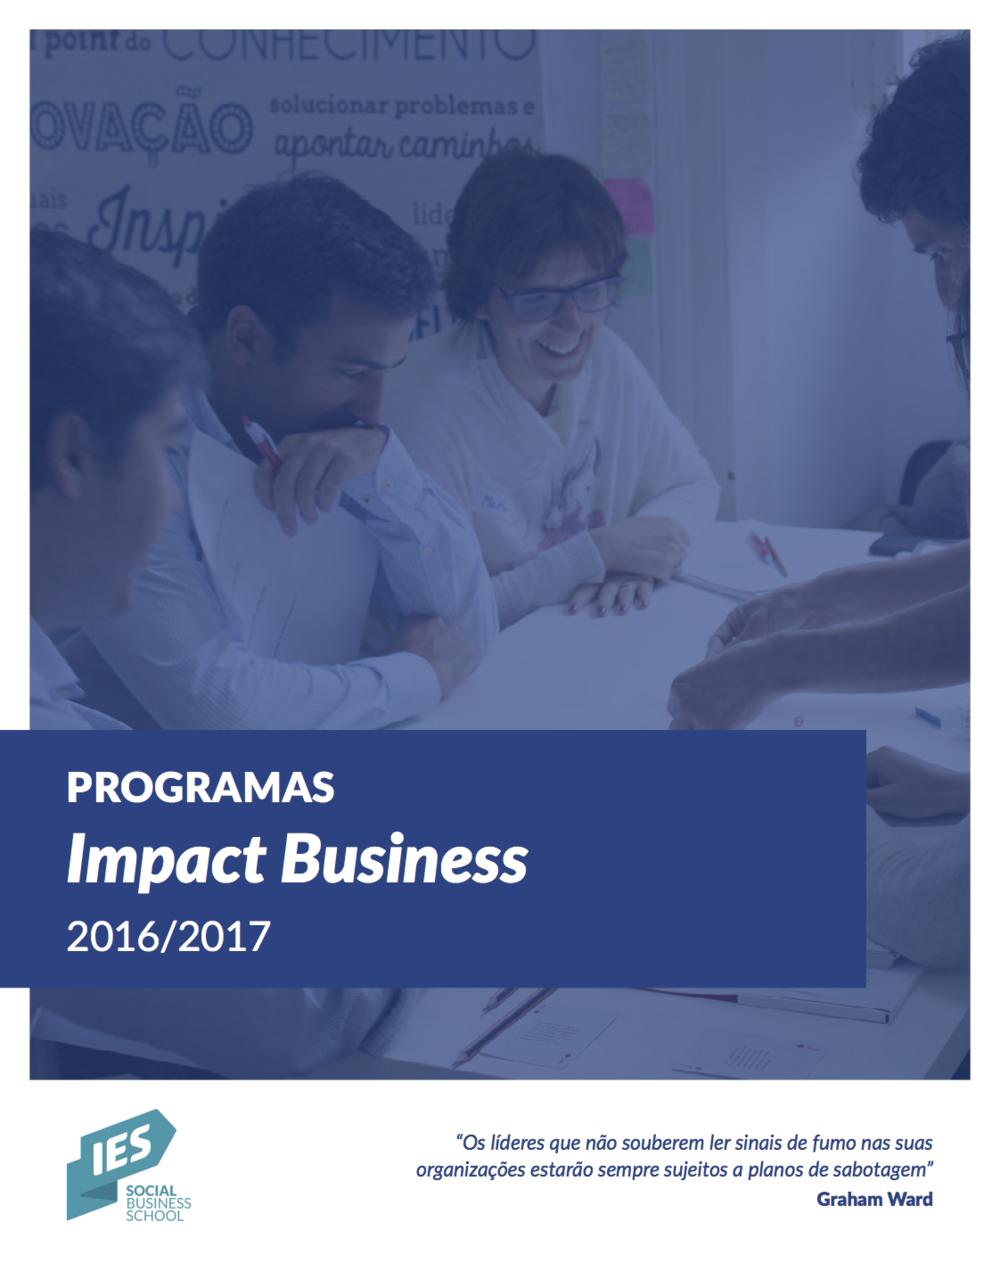 Apresentação dos Programas Impact Business